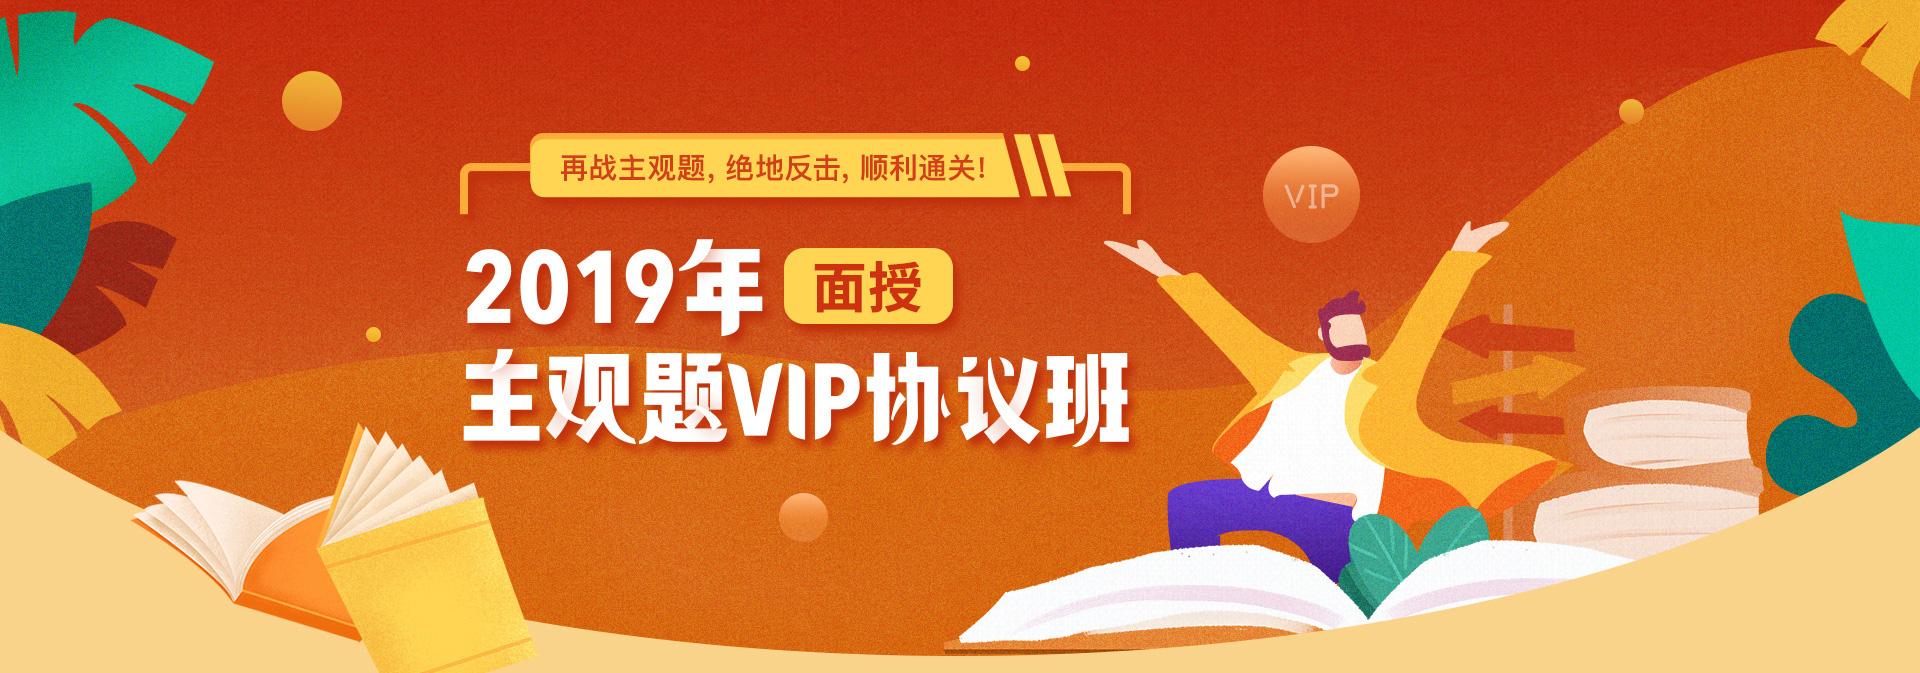 PC专题页面:2019年至尊主观题VIP协议班920x_01.jpg